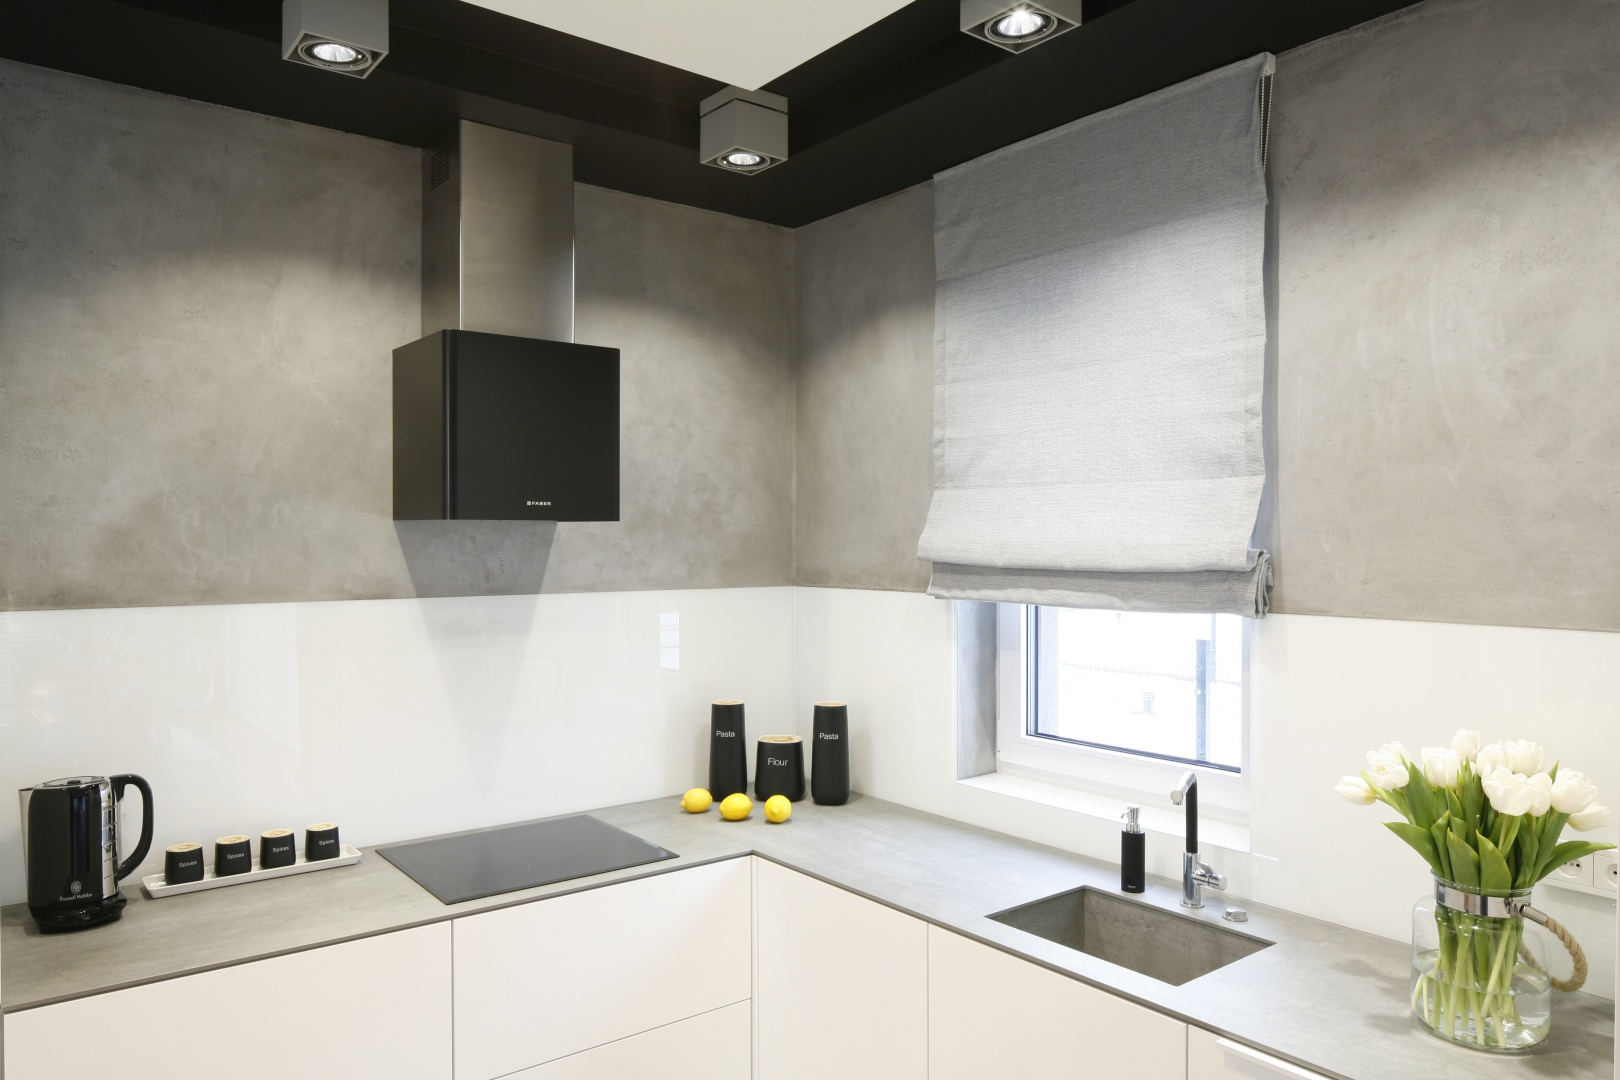 Ścianę nad blatem przekryto lakierowanym białym szkłem, a powierzchnię powyżej wykończono betonowym tynkiem. Projekt: Karolina Stanek-Szadujko i Łukasz Szadujko. Fot. Bartosz Jarosz.